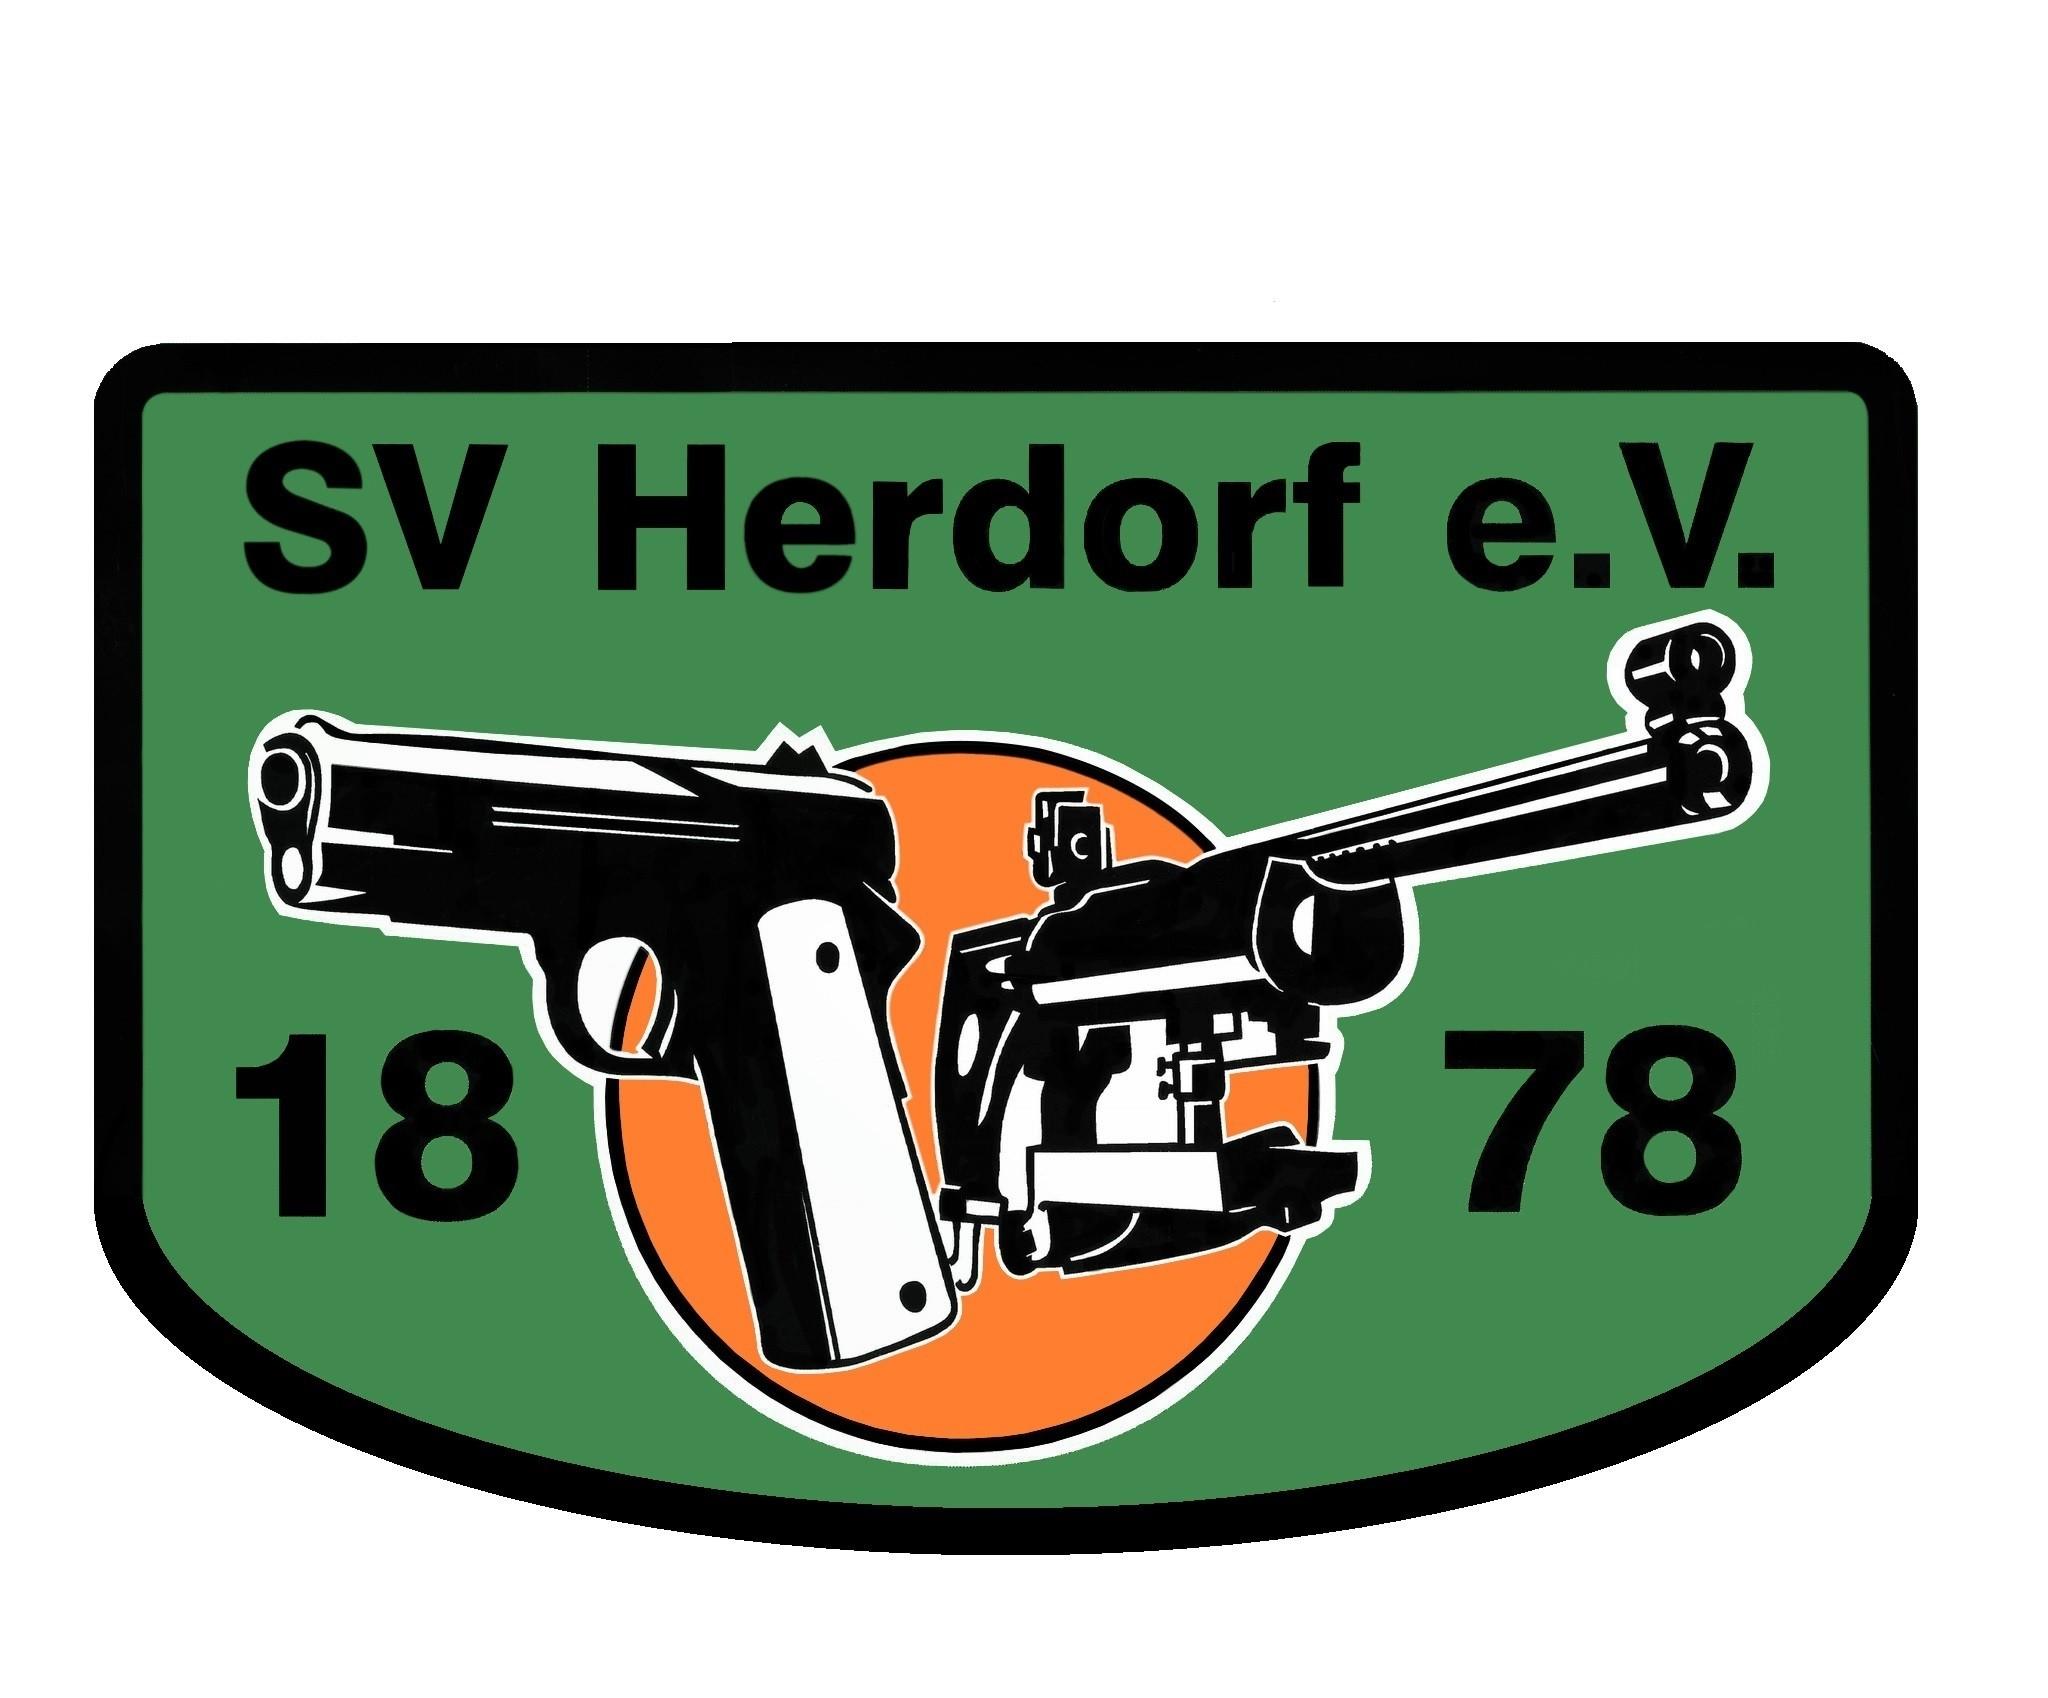 Schützenverein Herdorf 1878